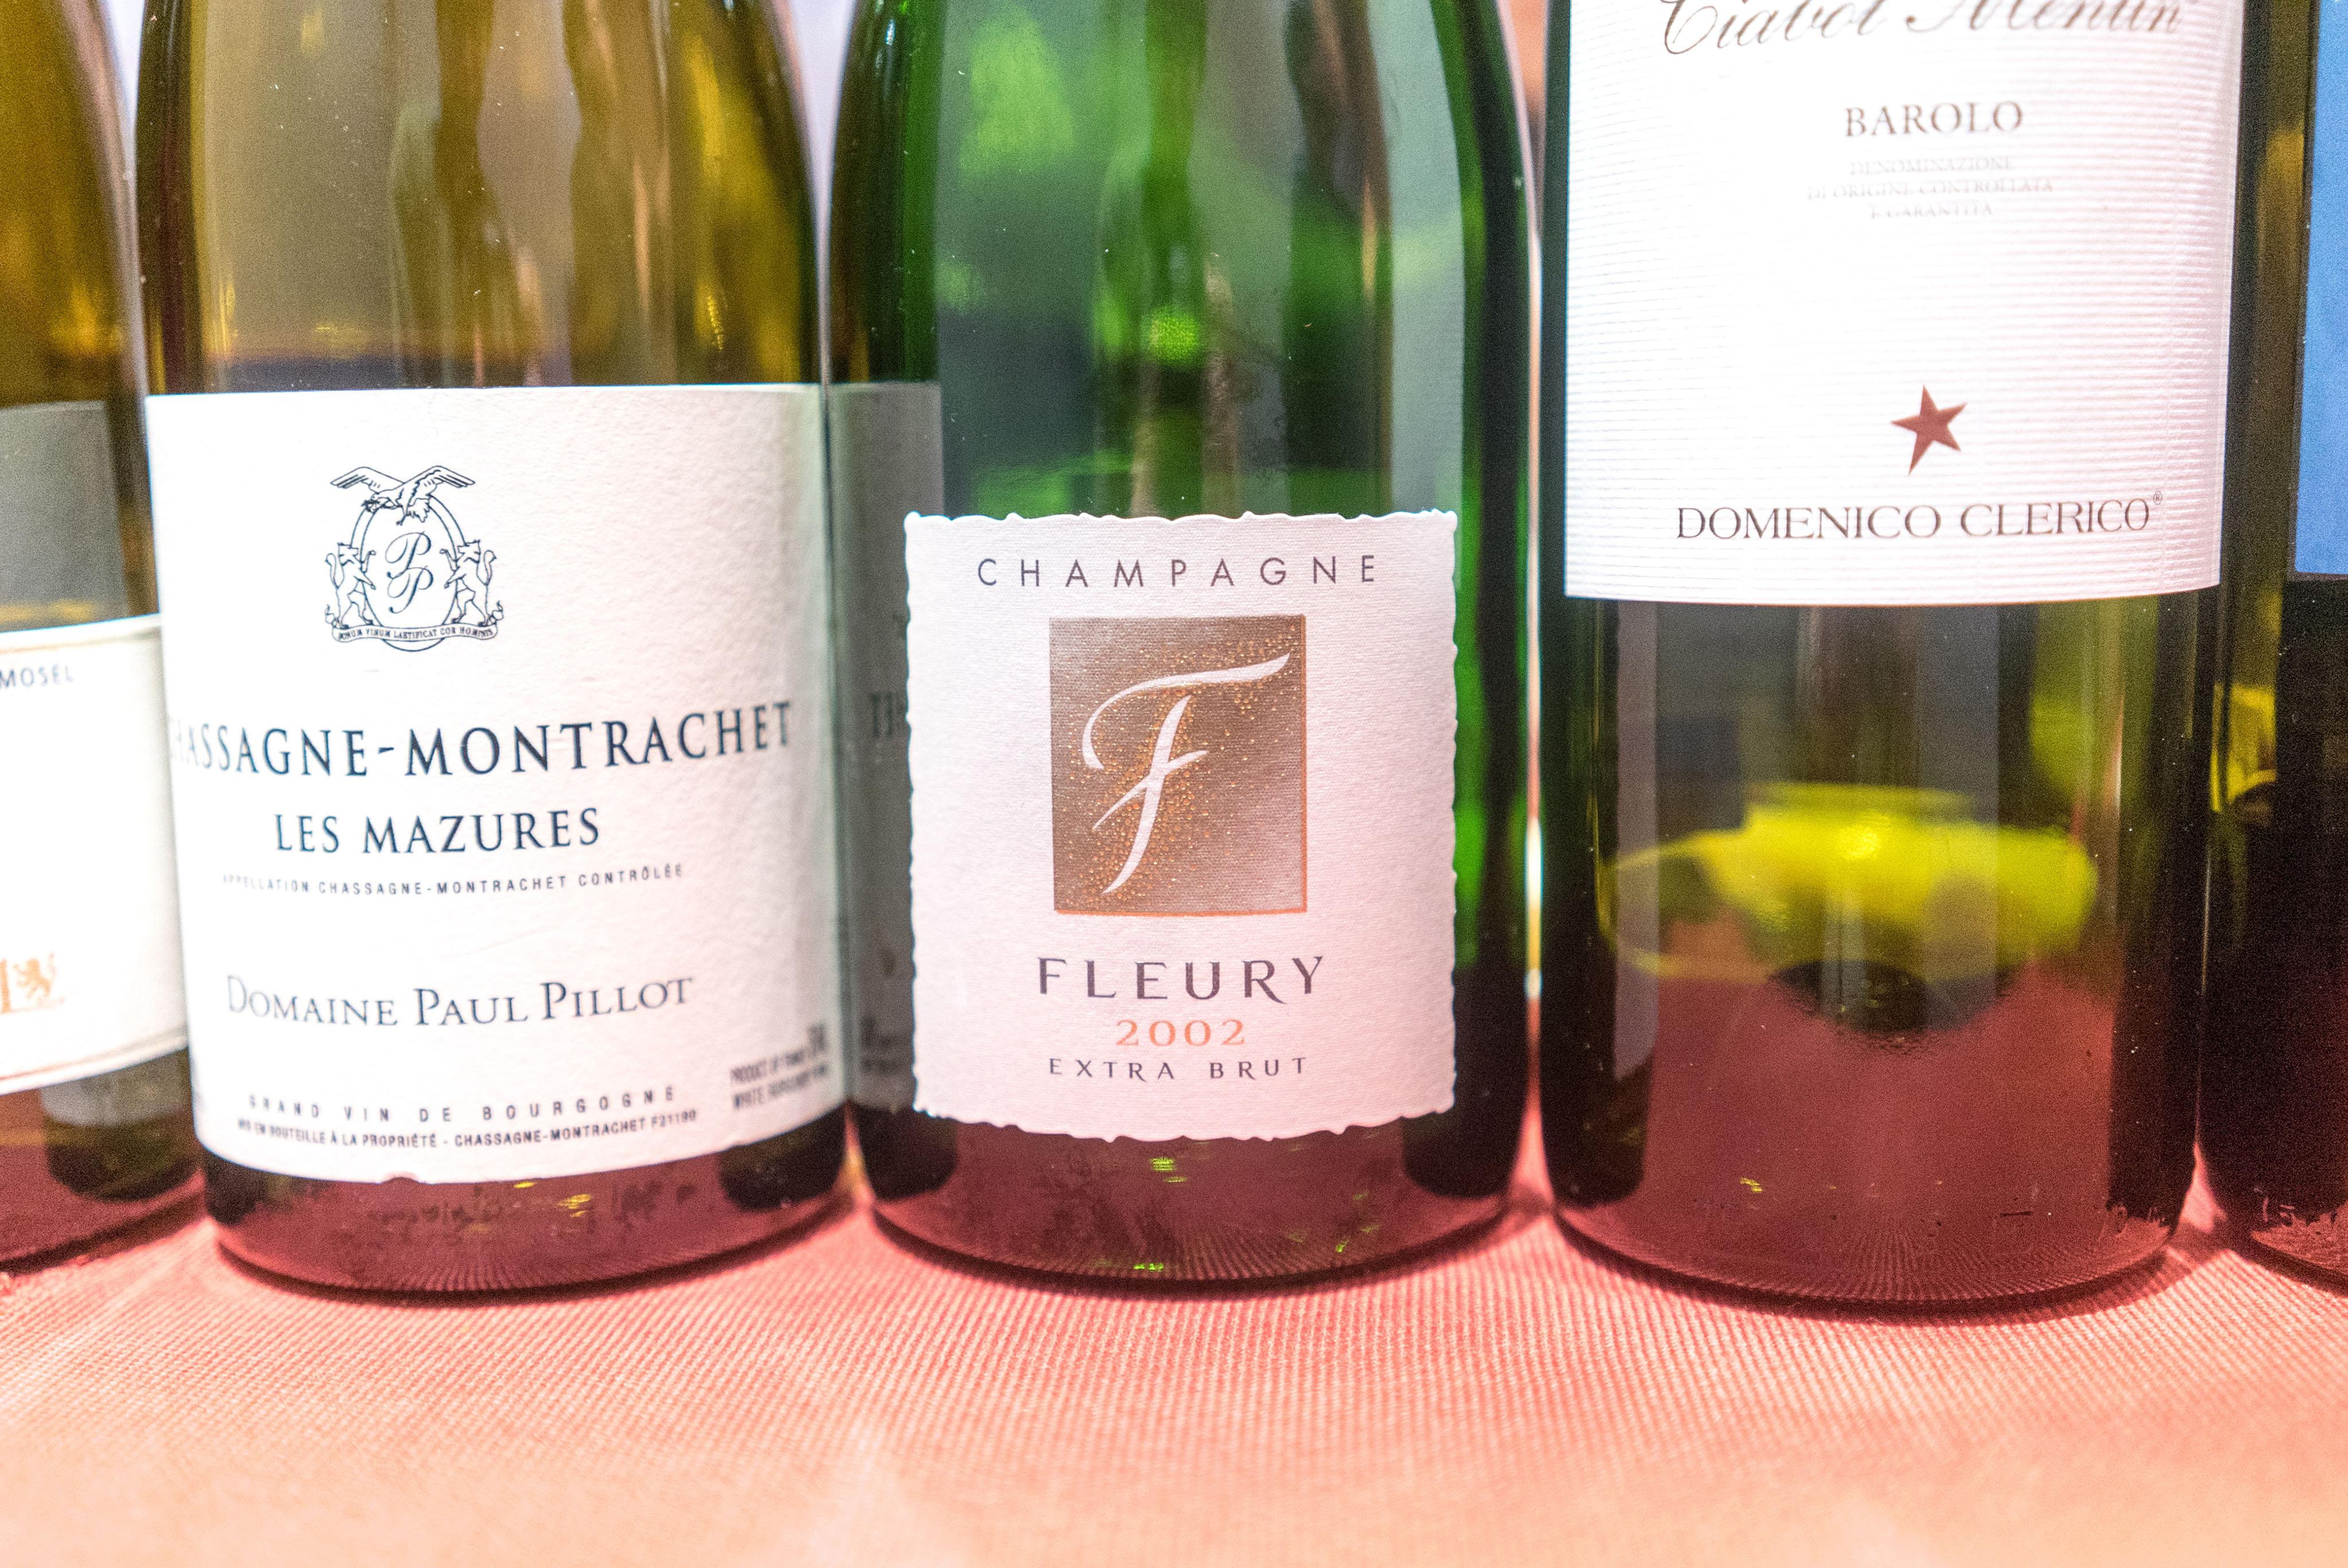 Fleury Millesime 2002